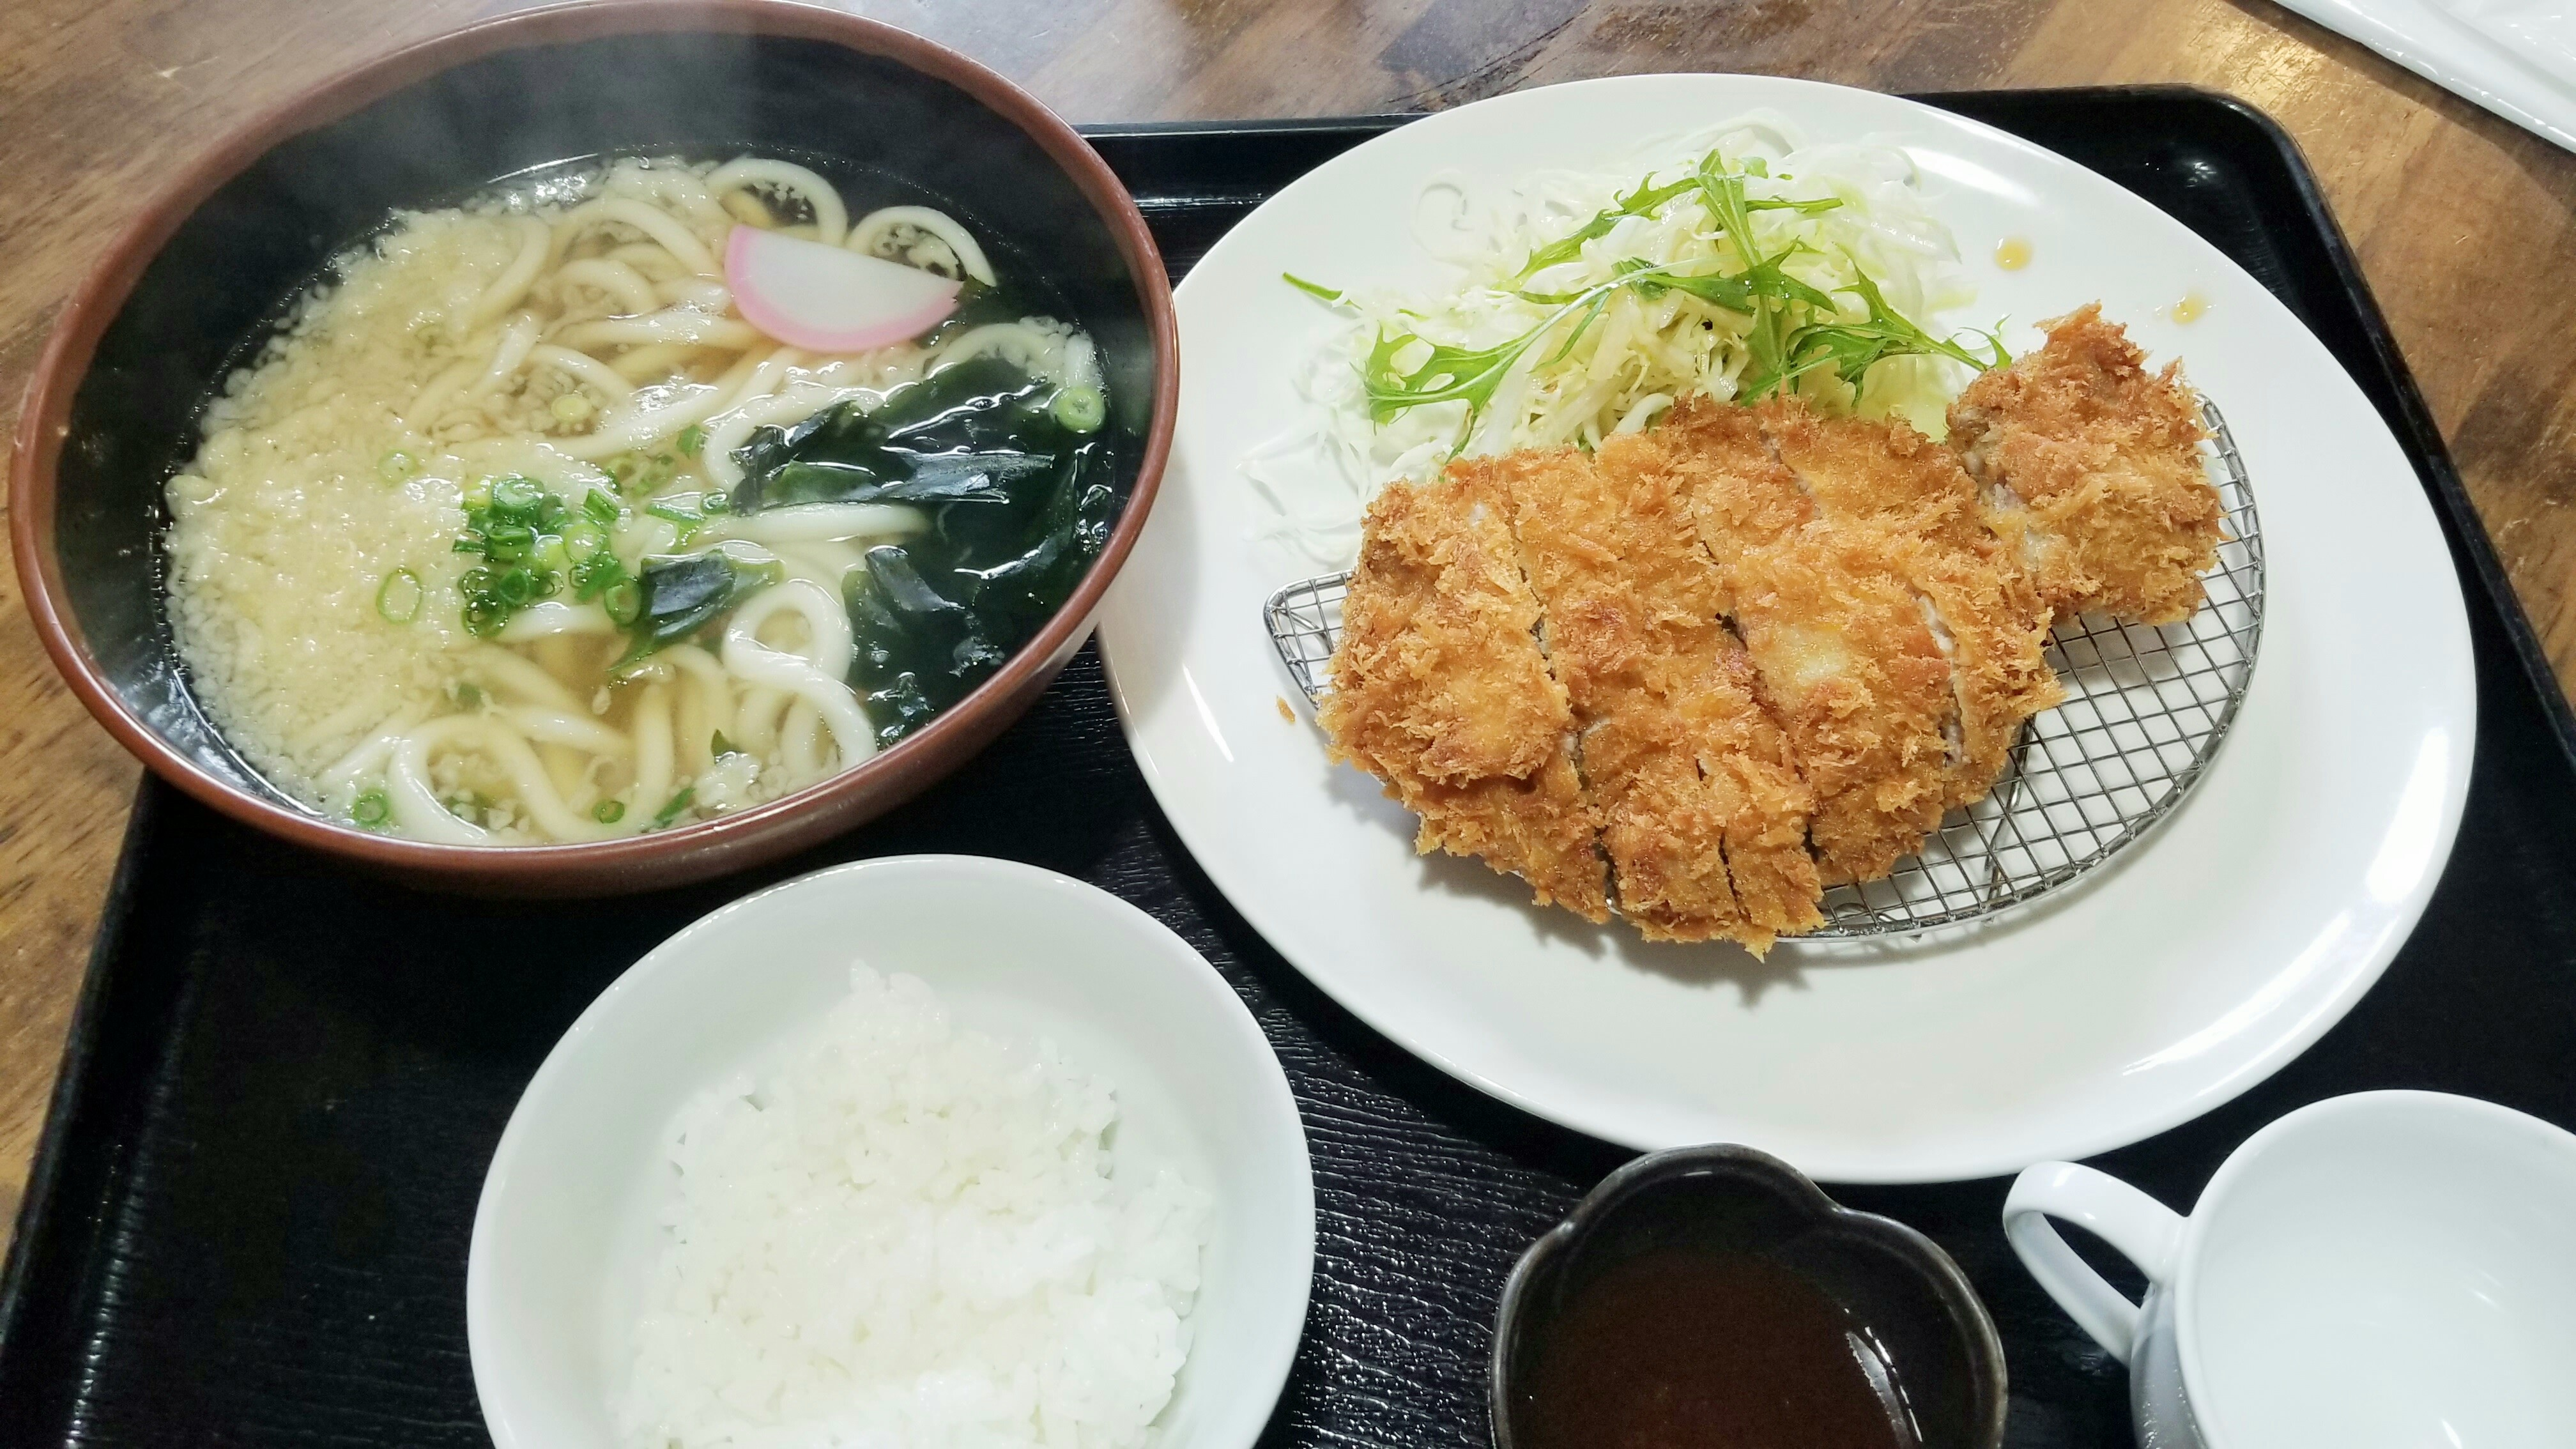 とんかつランチチェーン値段太る有名店画像美味しいうどん松山市